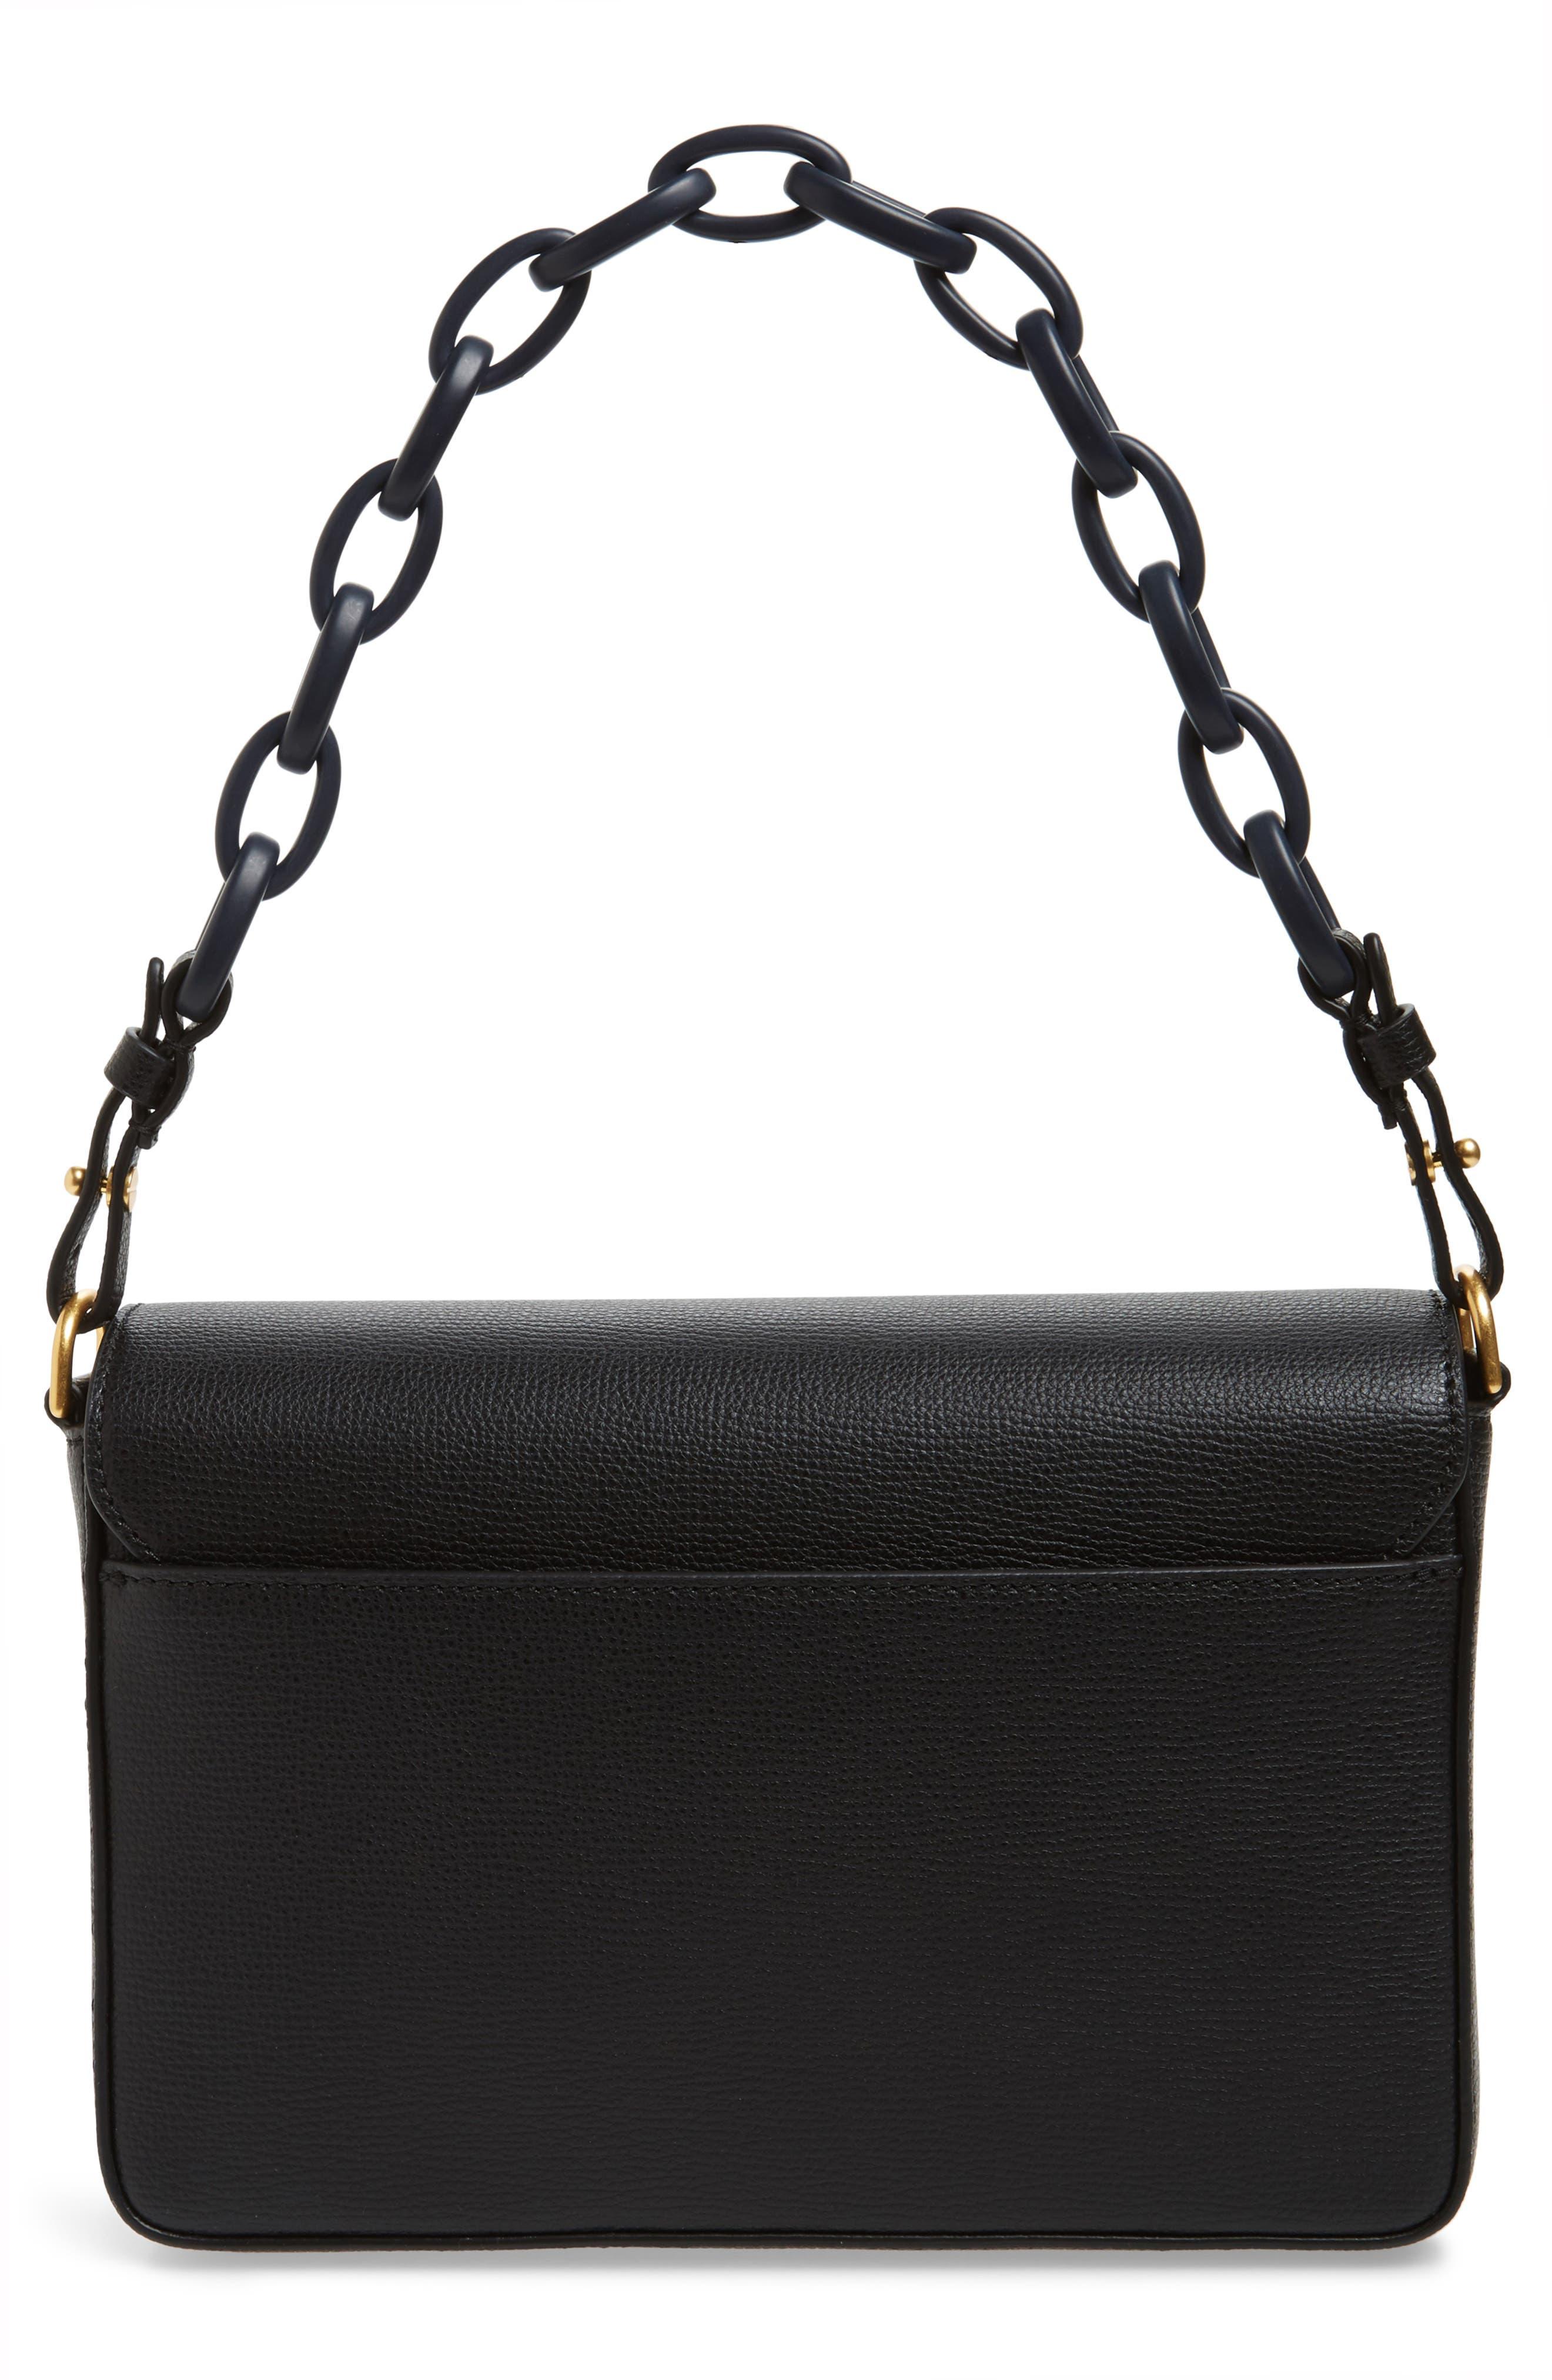 Kira Leather Shoulder Bag,                             Alternate thumbnail 4, color,                             BLACK